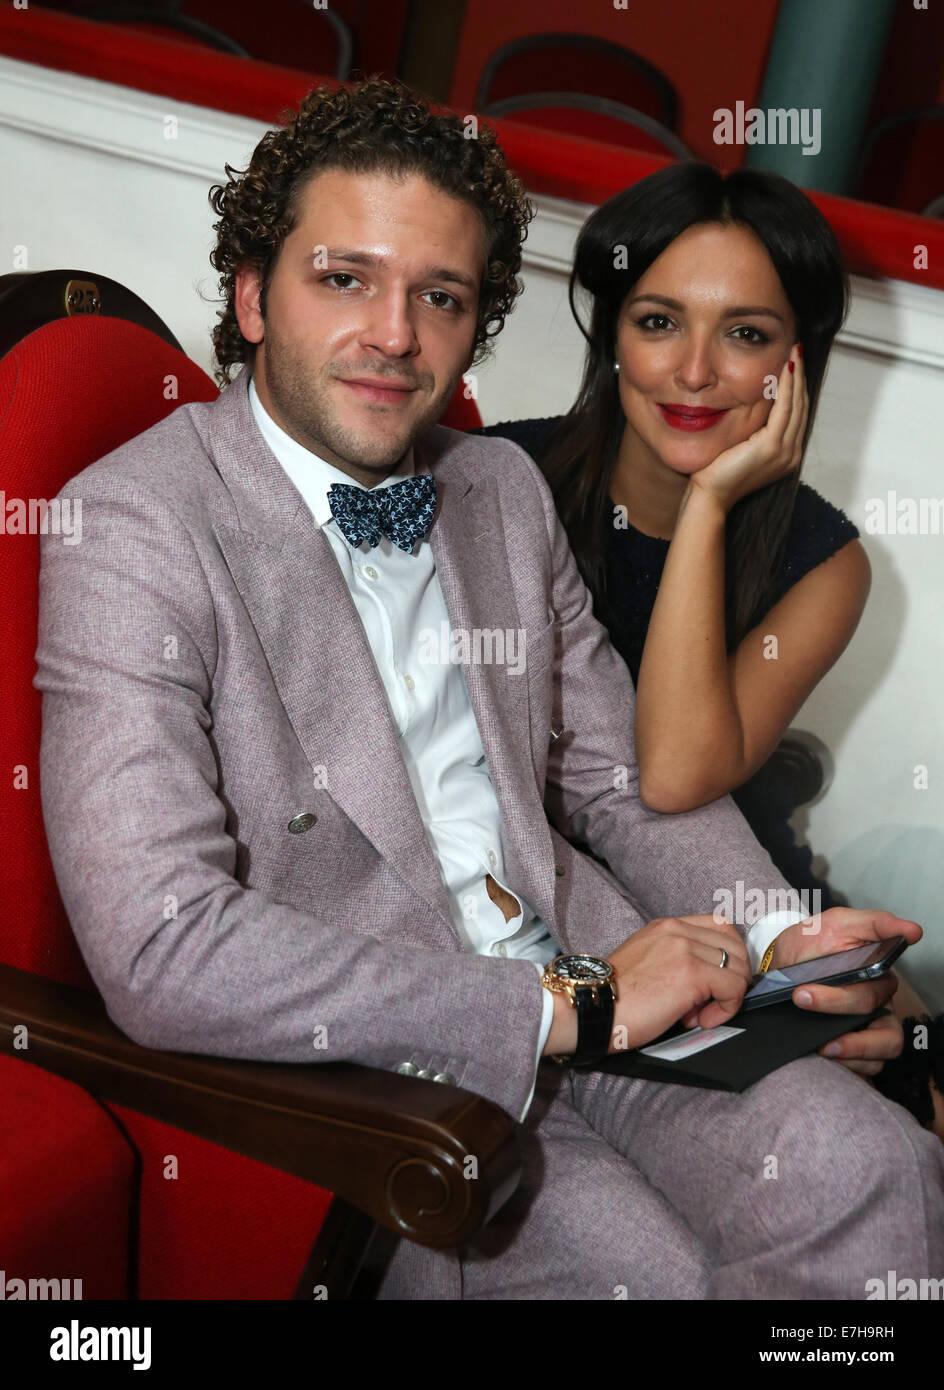 Konstantin Kryukov is getting married on 02/27/2011 68